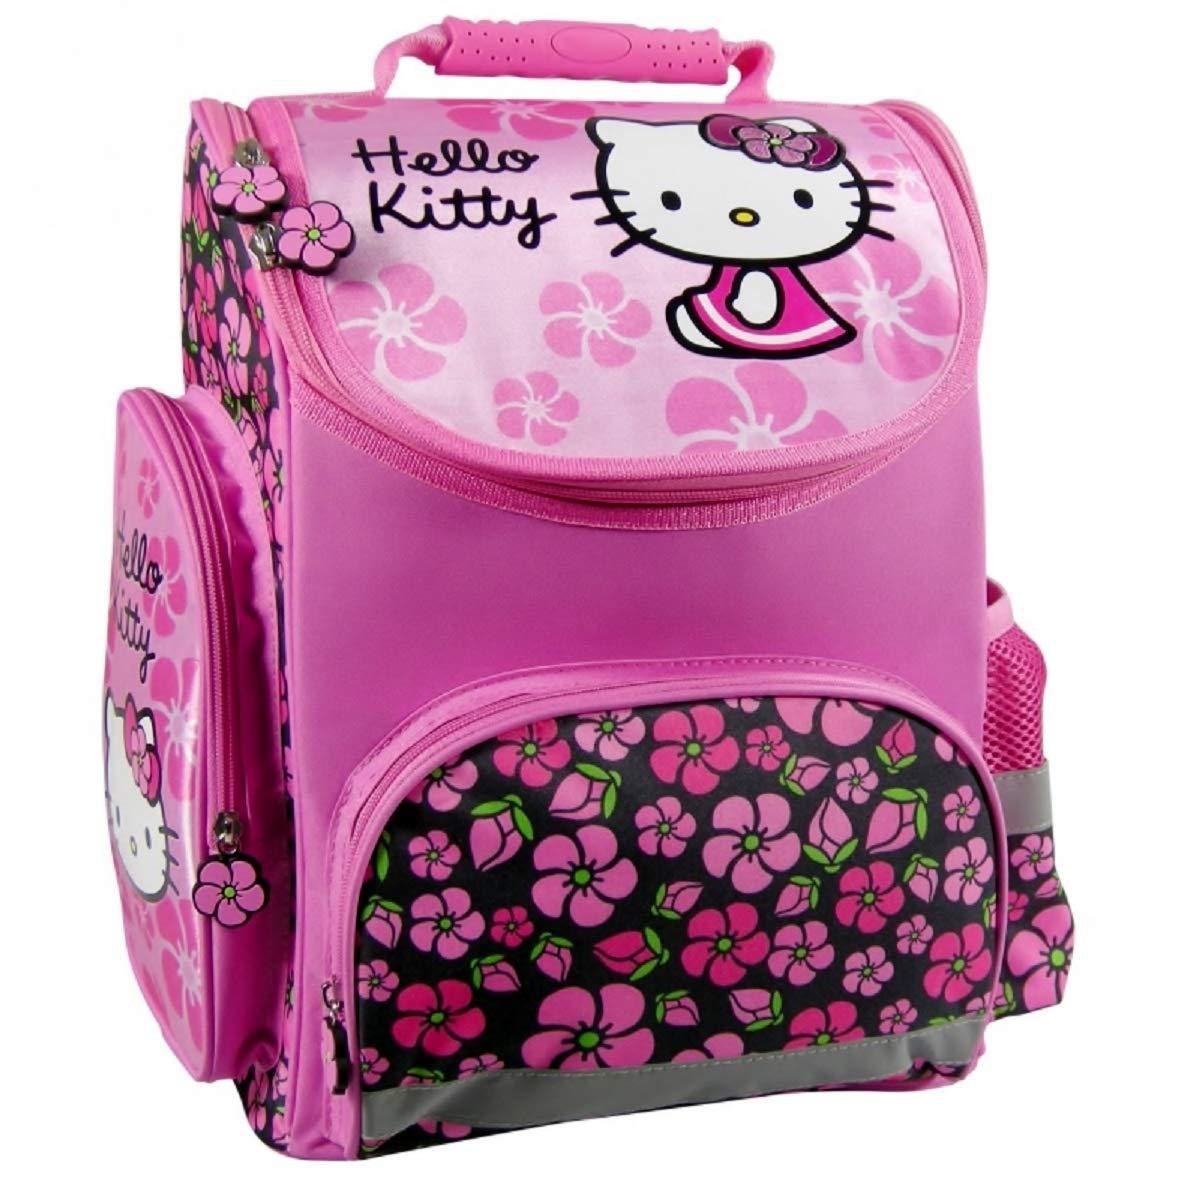 Hello Kitty - Schulranzen Rosa